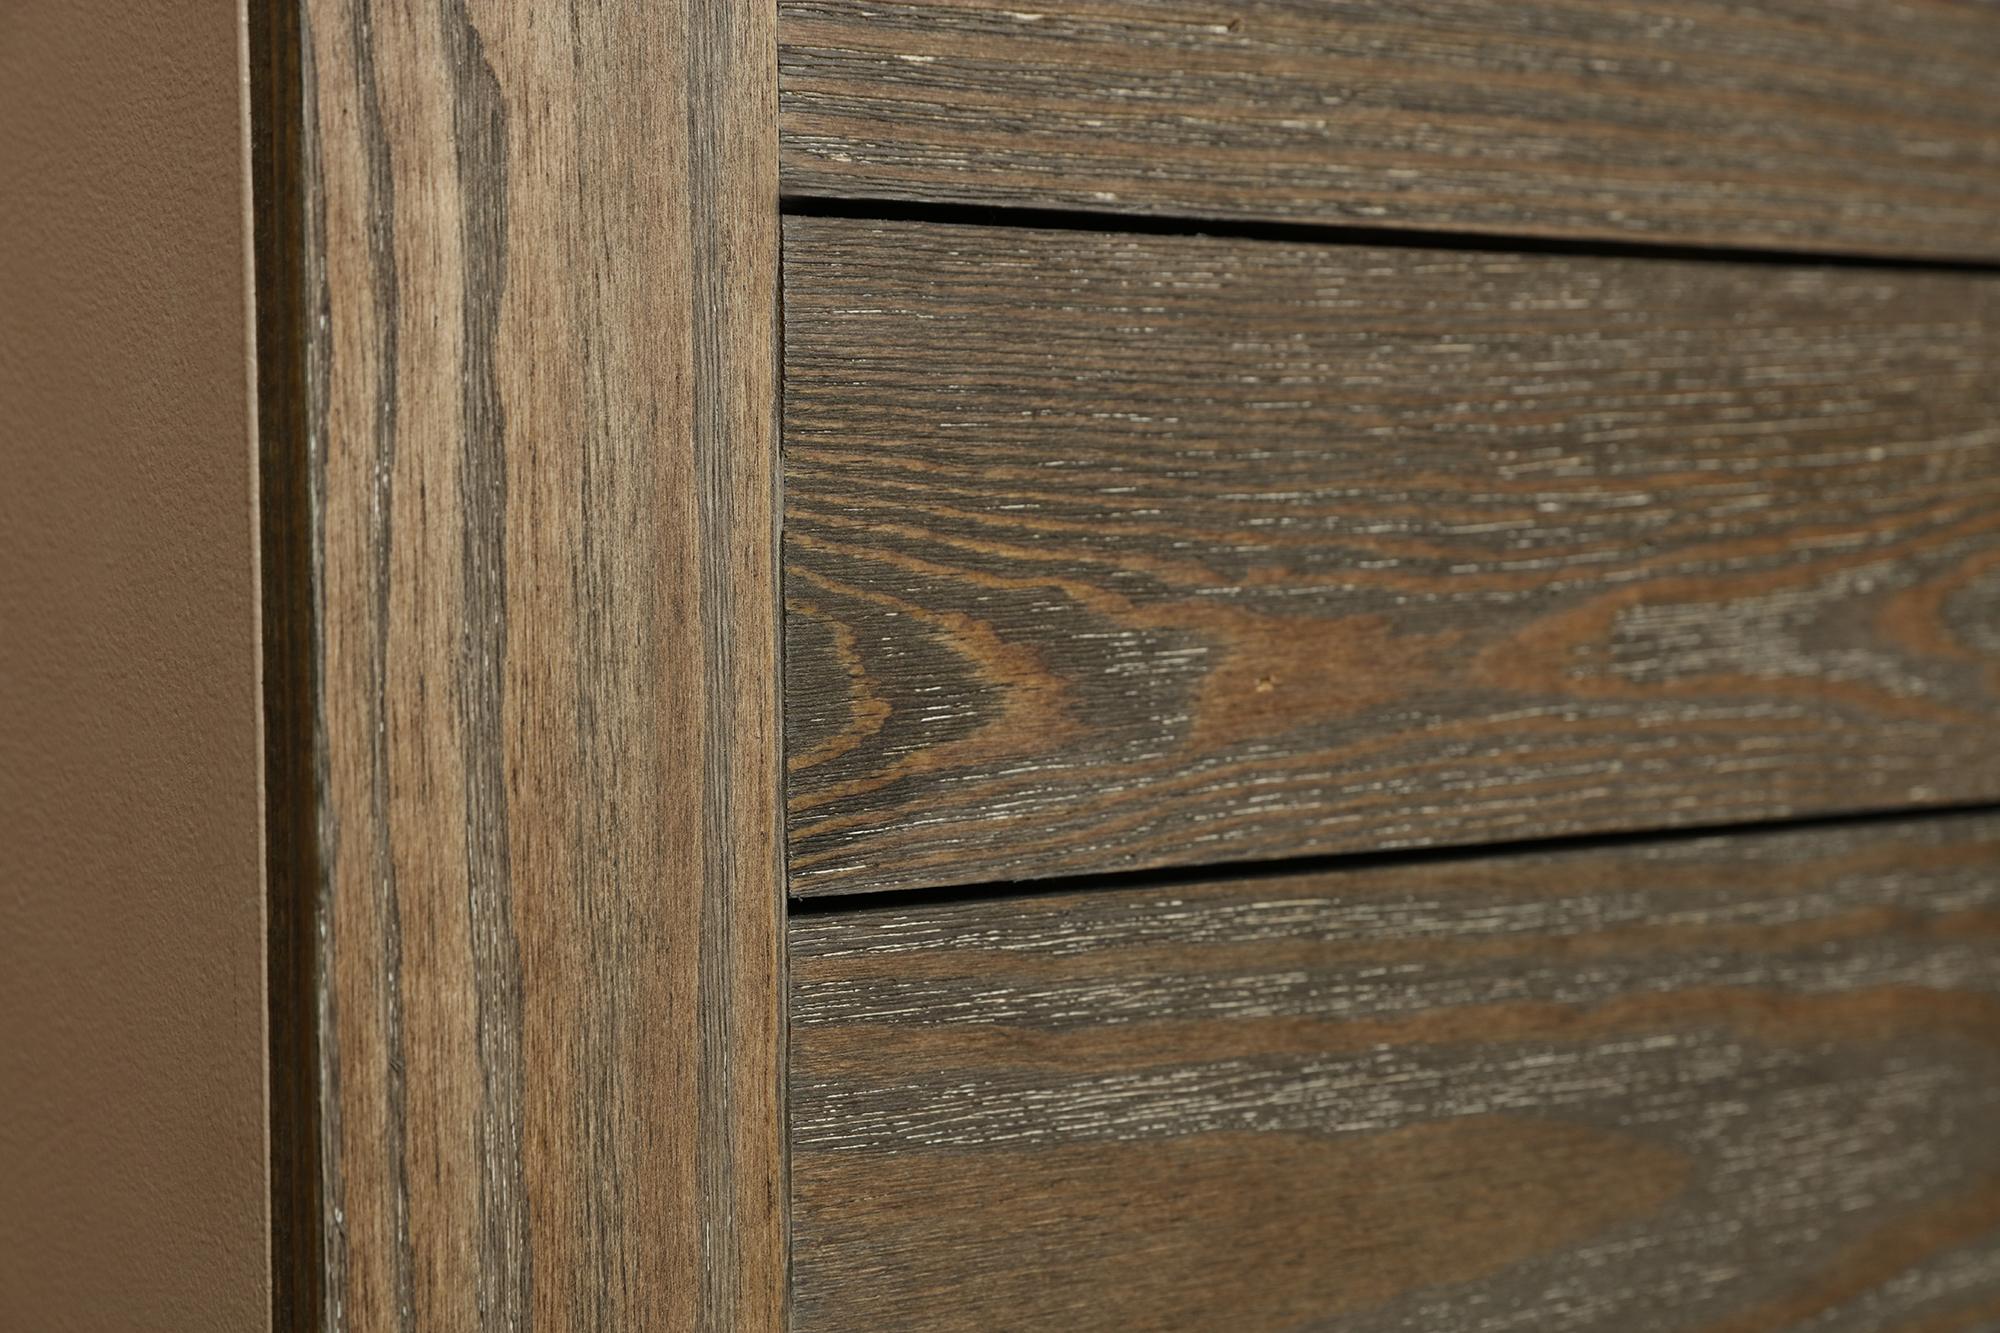 Rustic-Collection_Woodshed_IUCU-2.jpg